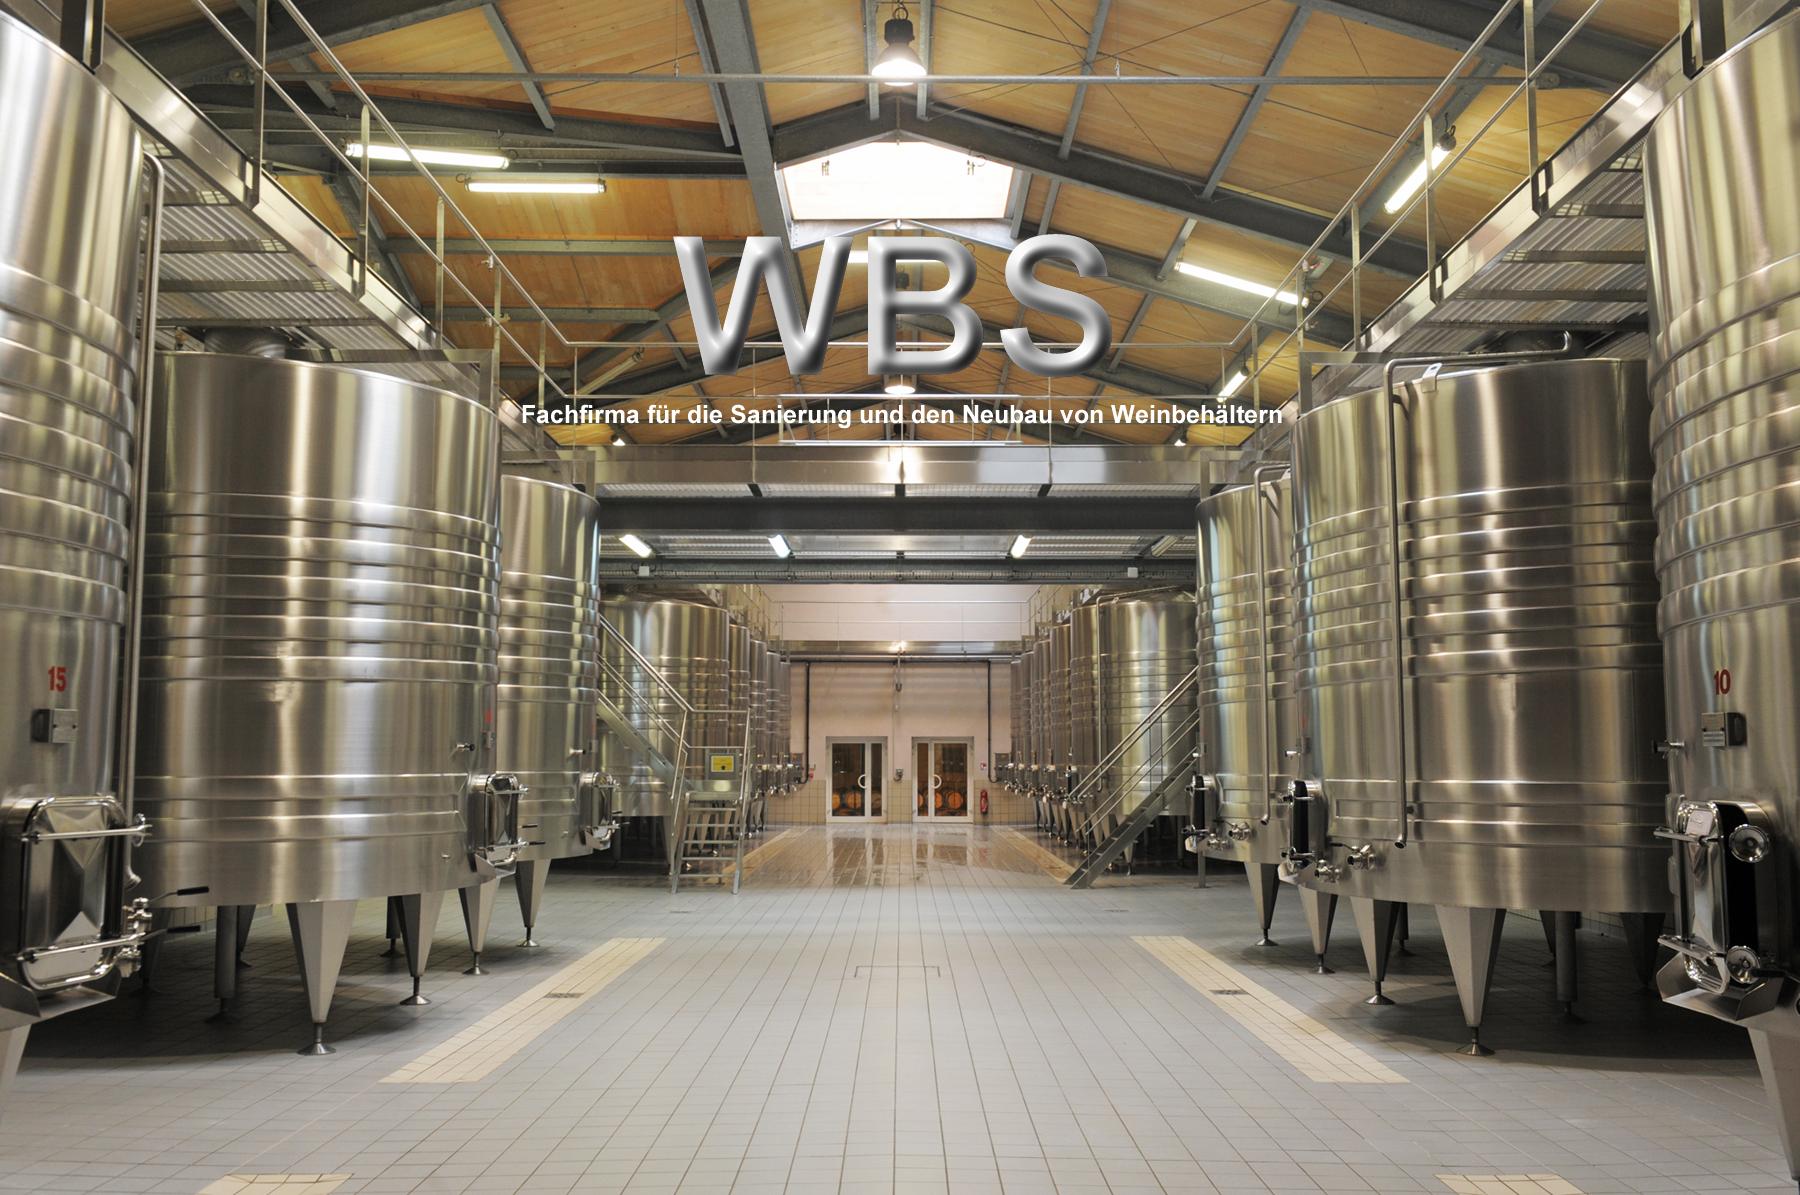 WBS - Trifelsstr. 2 - 76877 Offenbach